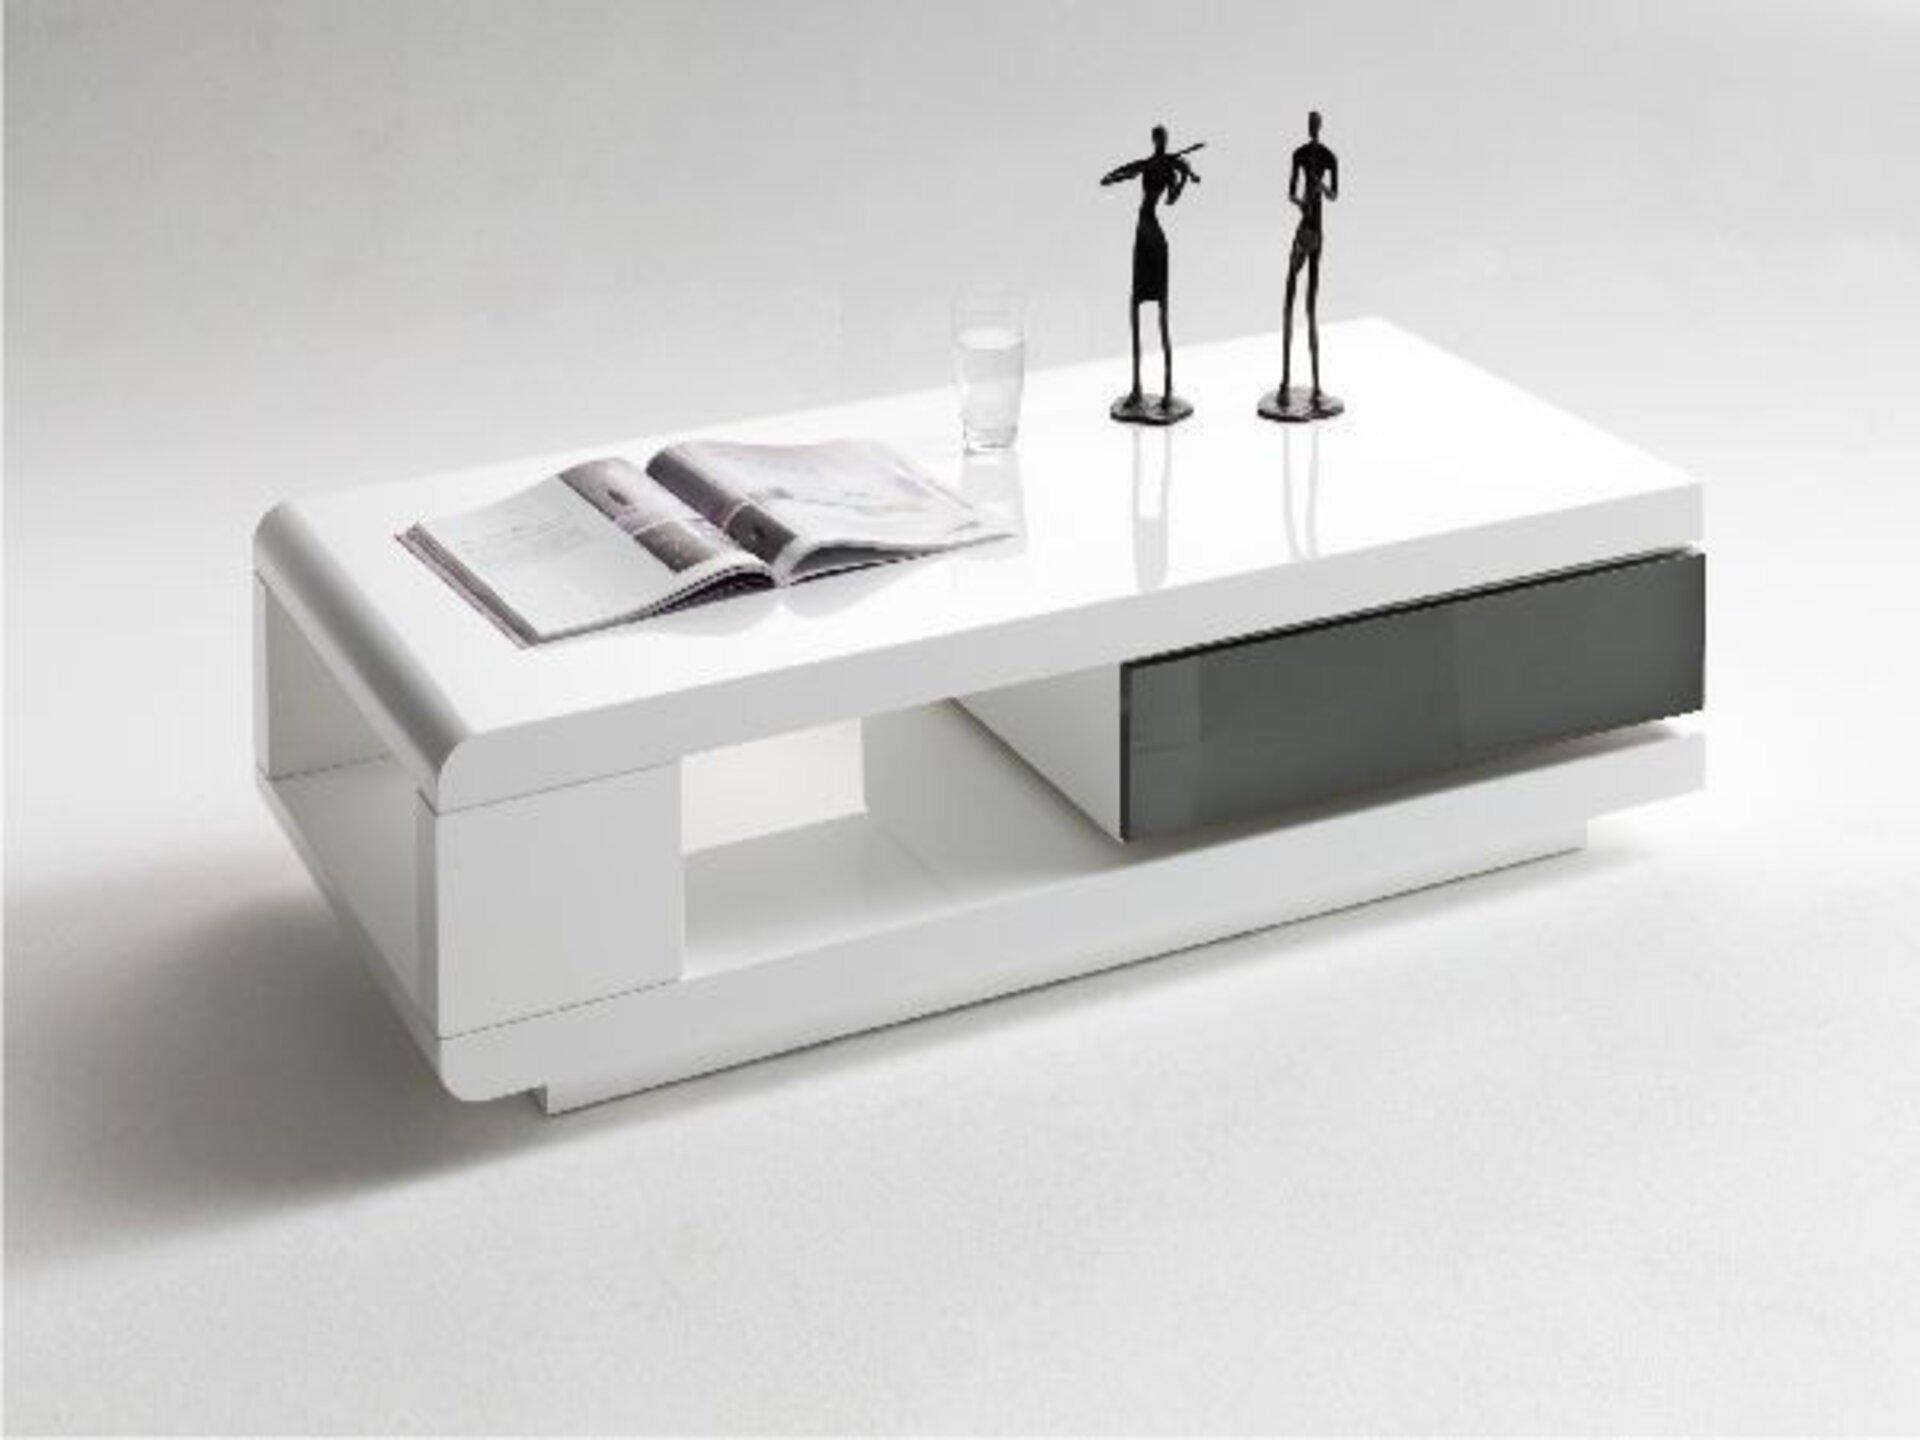 Couchtisch INNONOVA MCA furniture Holzwerkstoff 60 x 36 x 120 cm